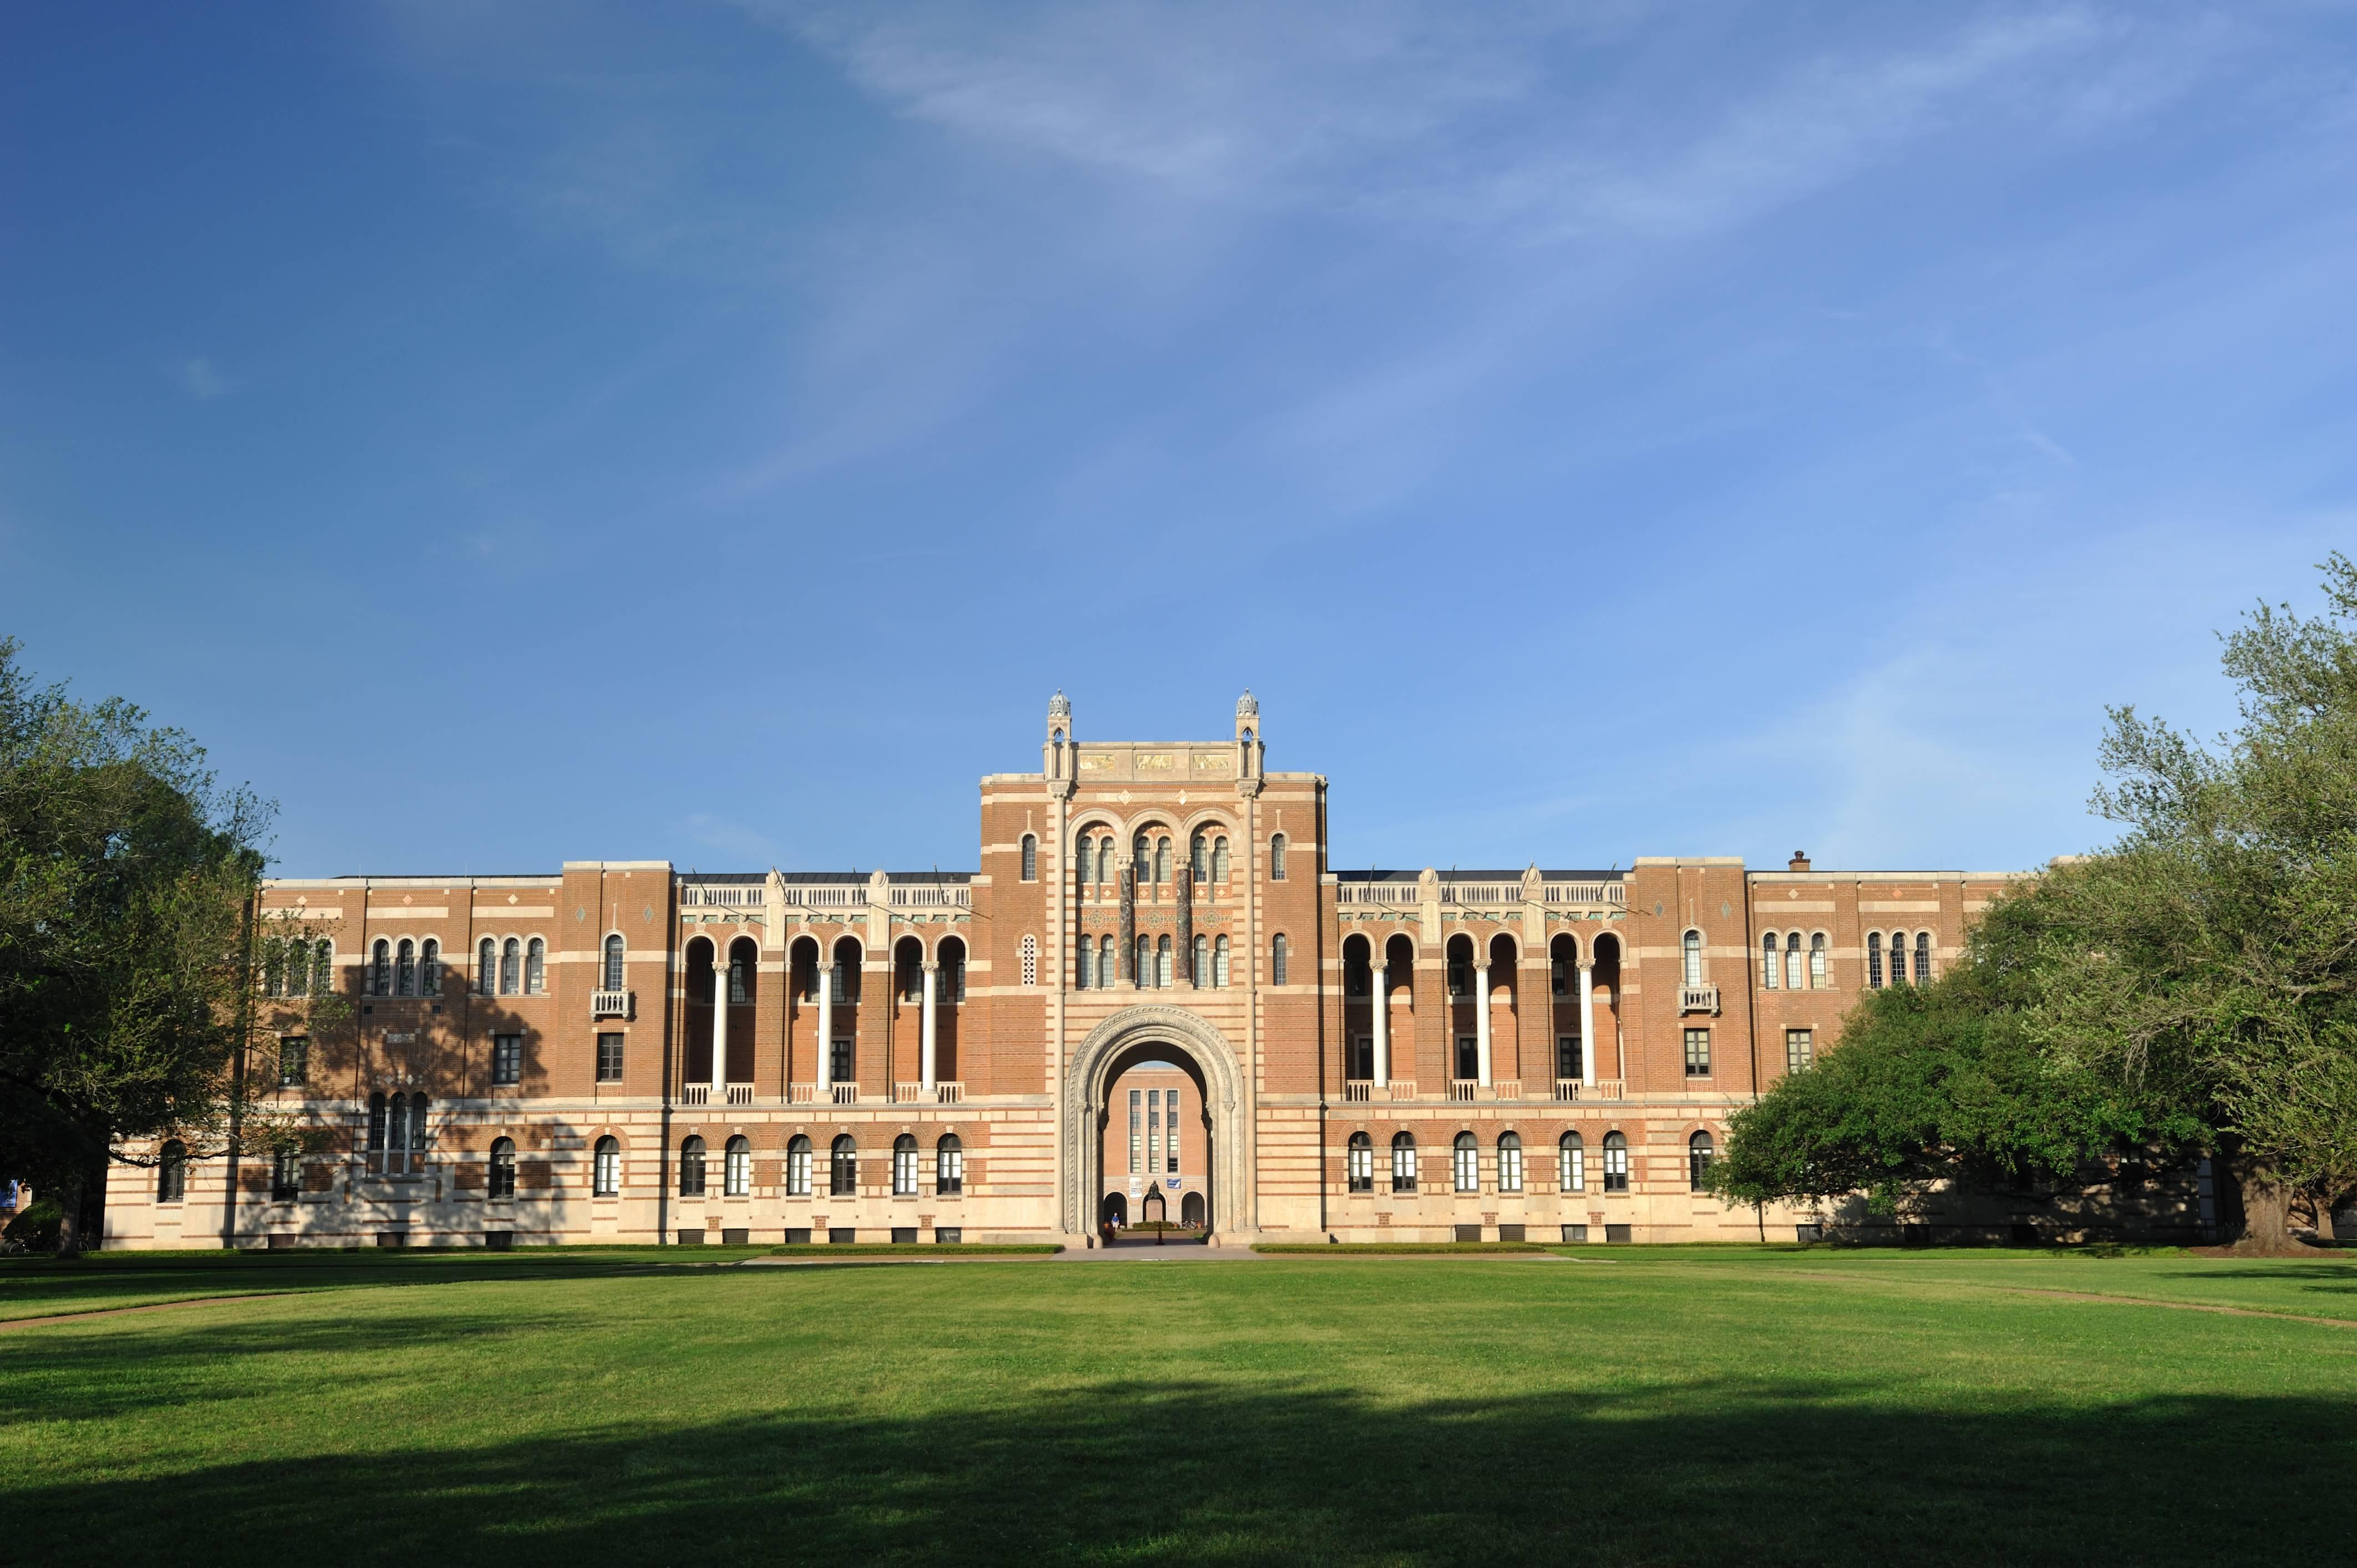 Lovett Hall in Rice University